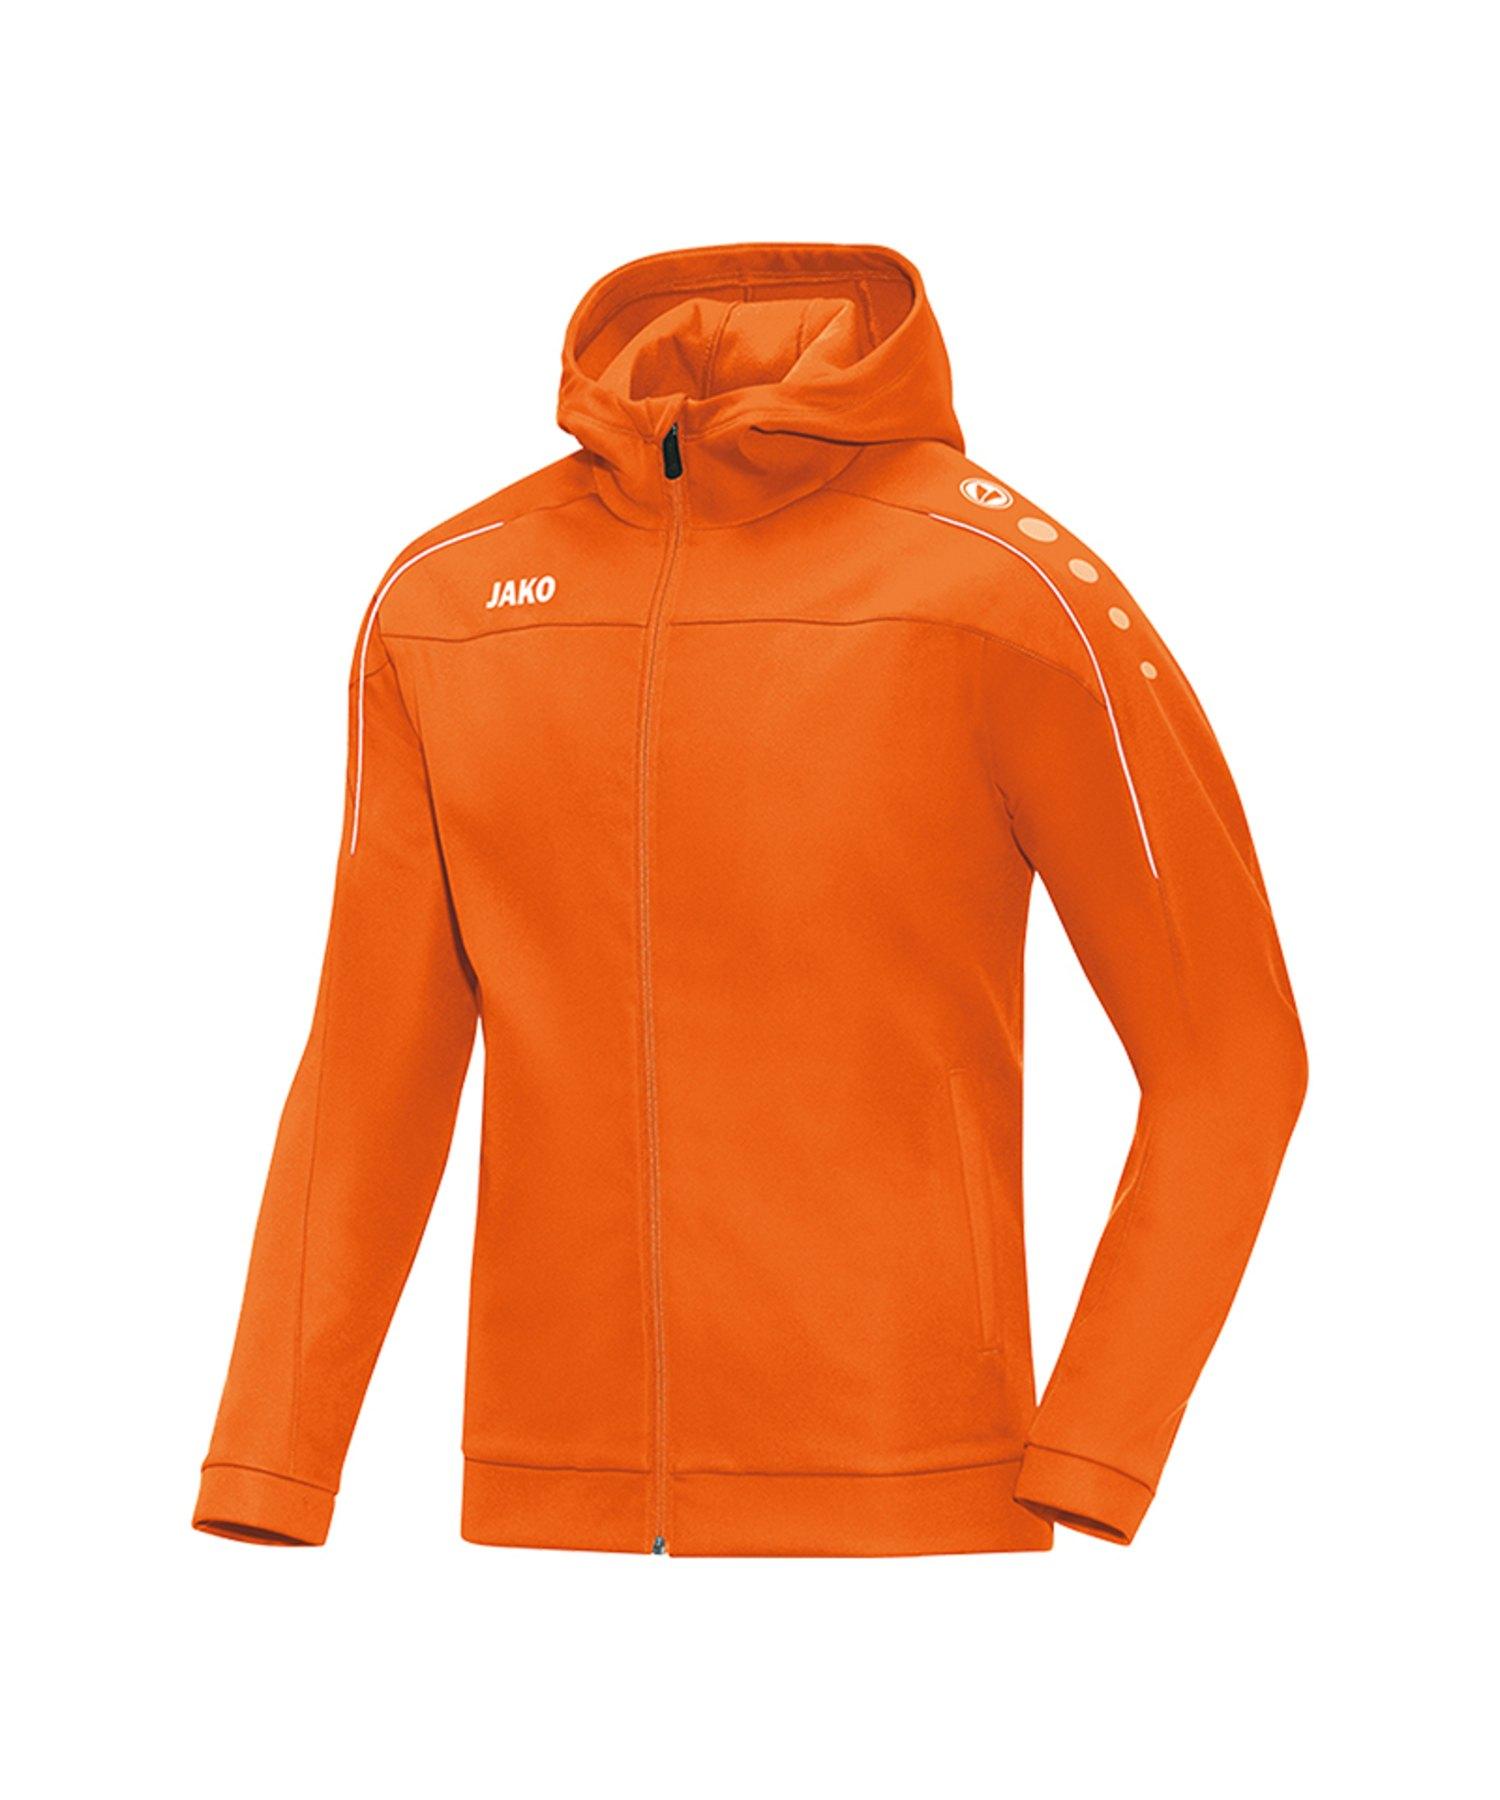 Jako Classico Kapuzenjacke Kids Orange F19 - Orange